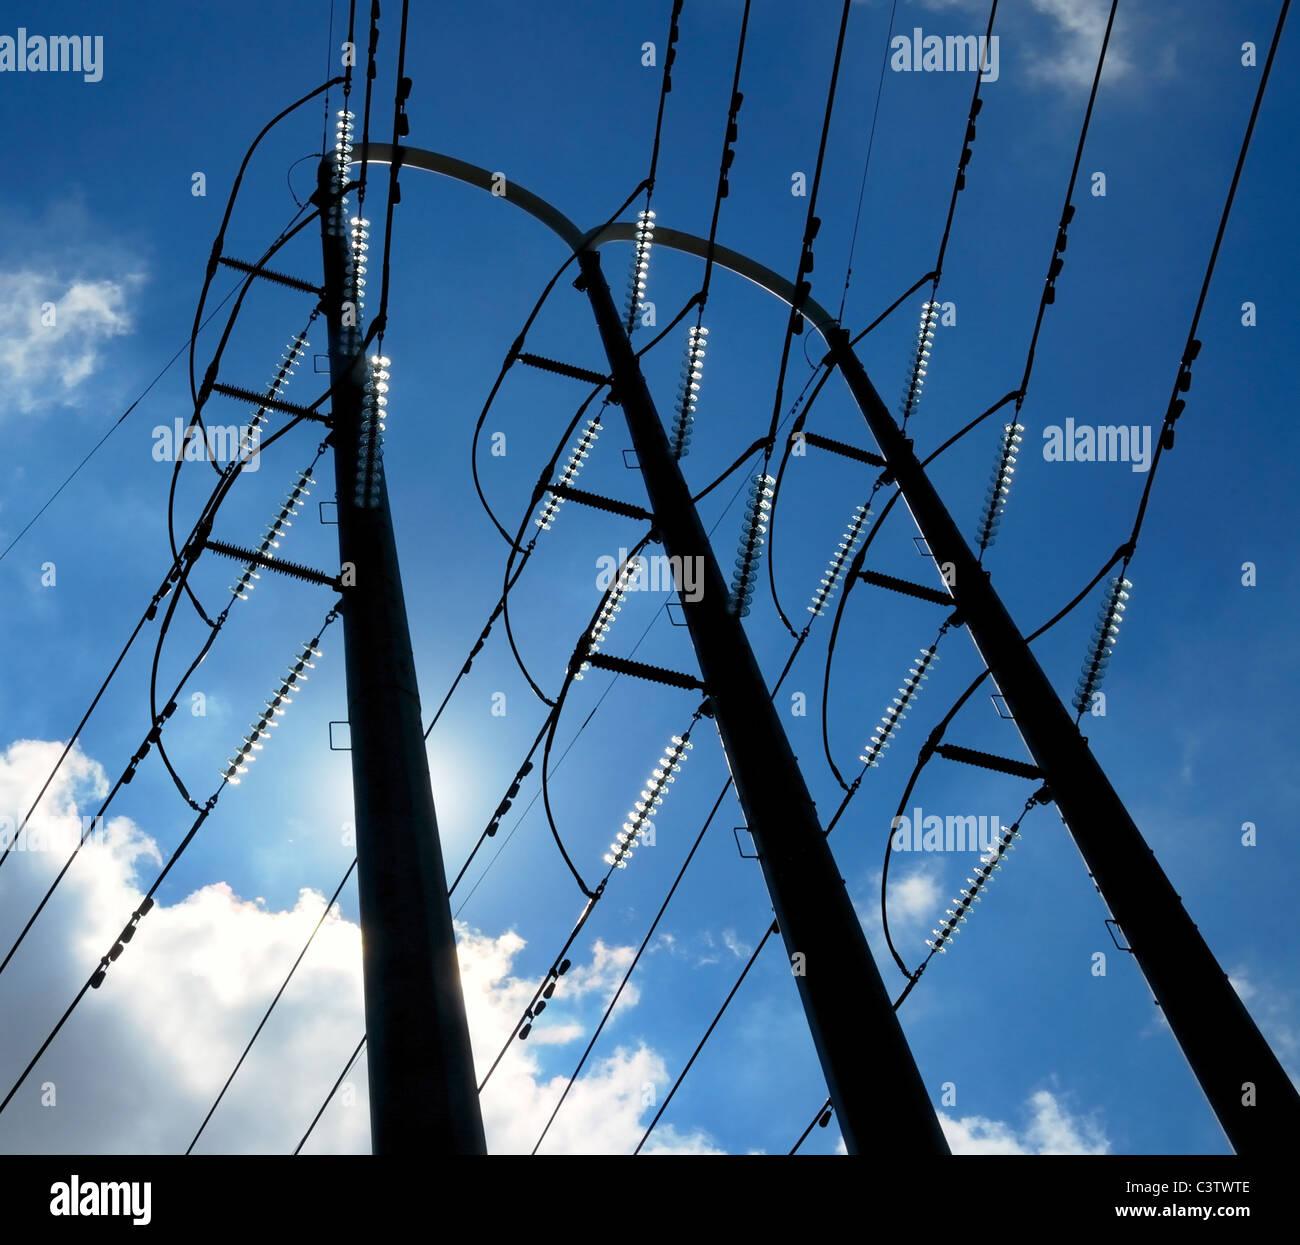 hohe Spannung Strom Verteilung Turm und Drähte Stockbild